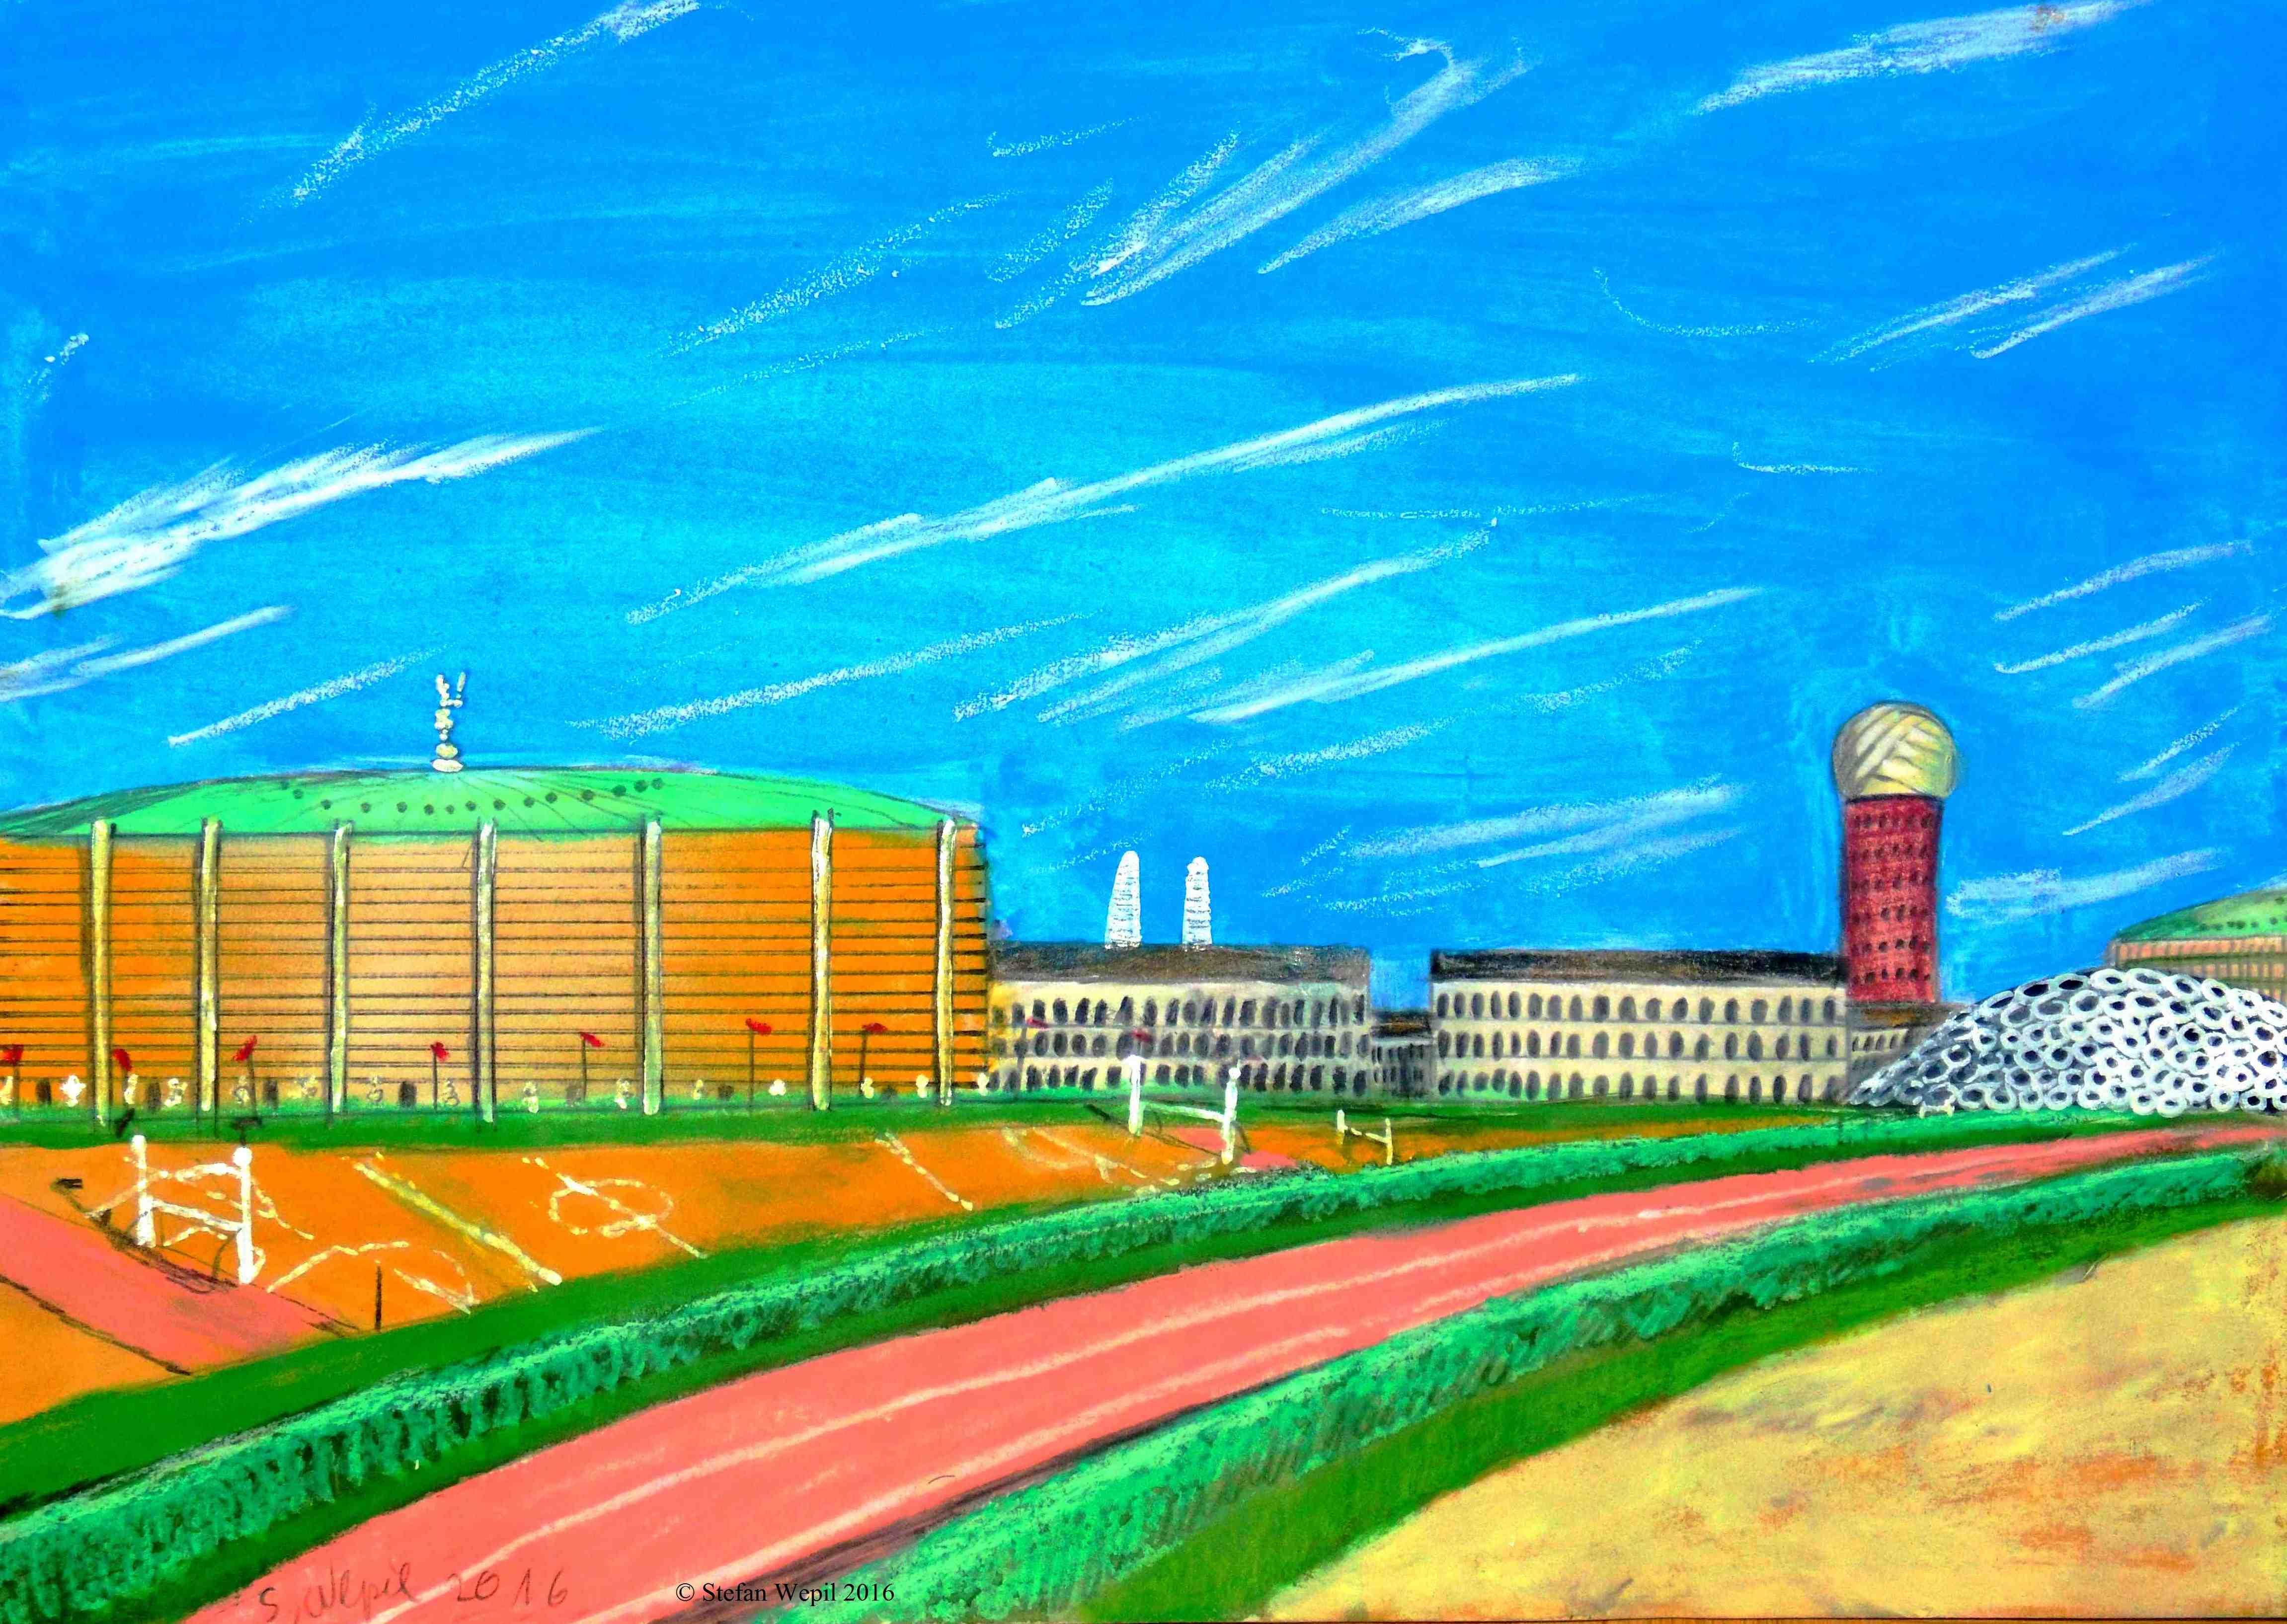 Die Sportlerstätte Athlon in Dom auf dem Planeten Dorgon (C) Stefan Wepil